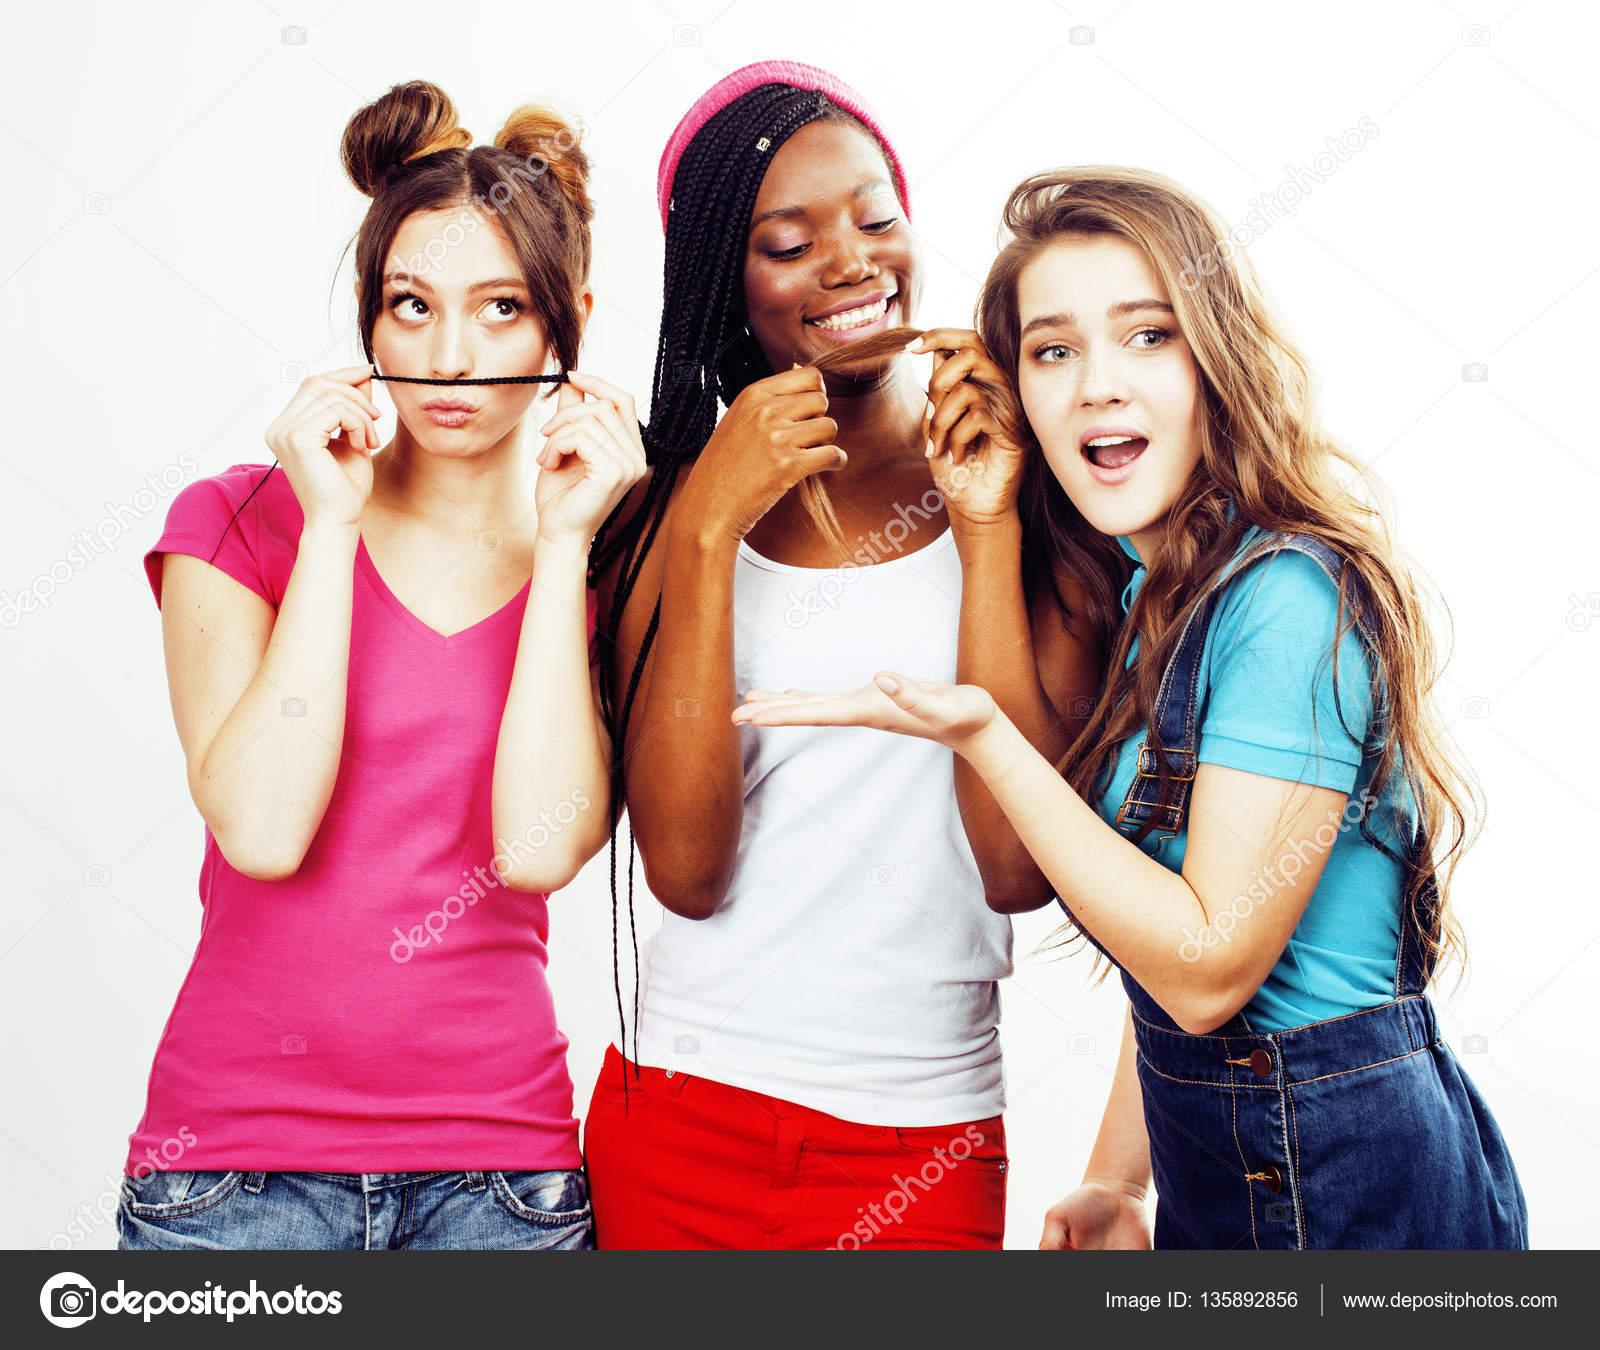 Группа девчонок позируют видео